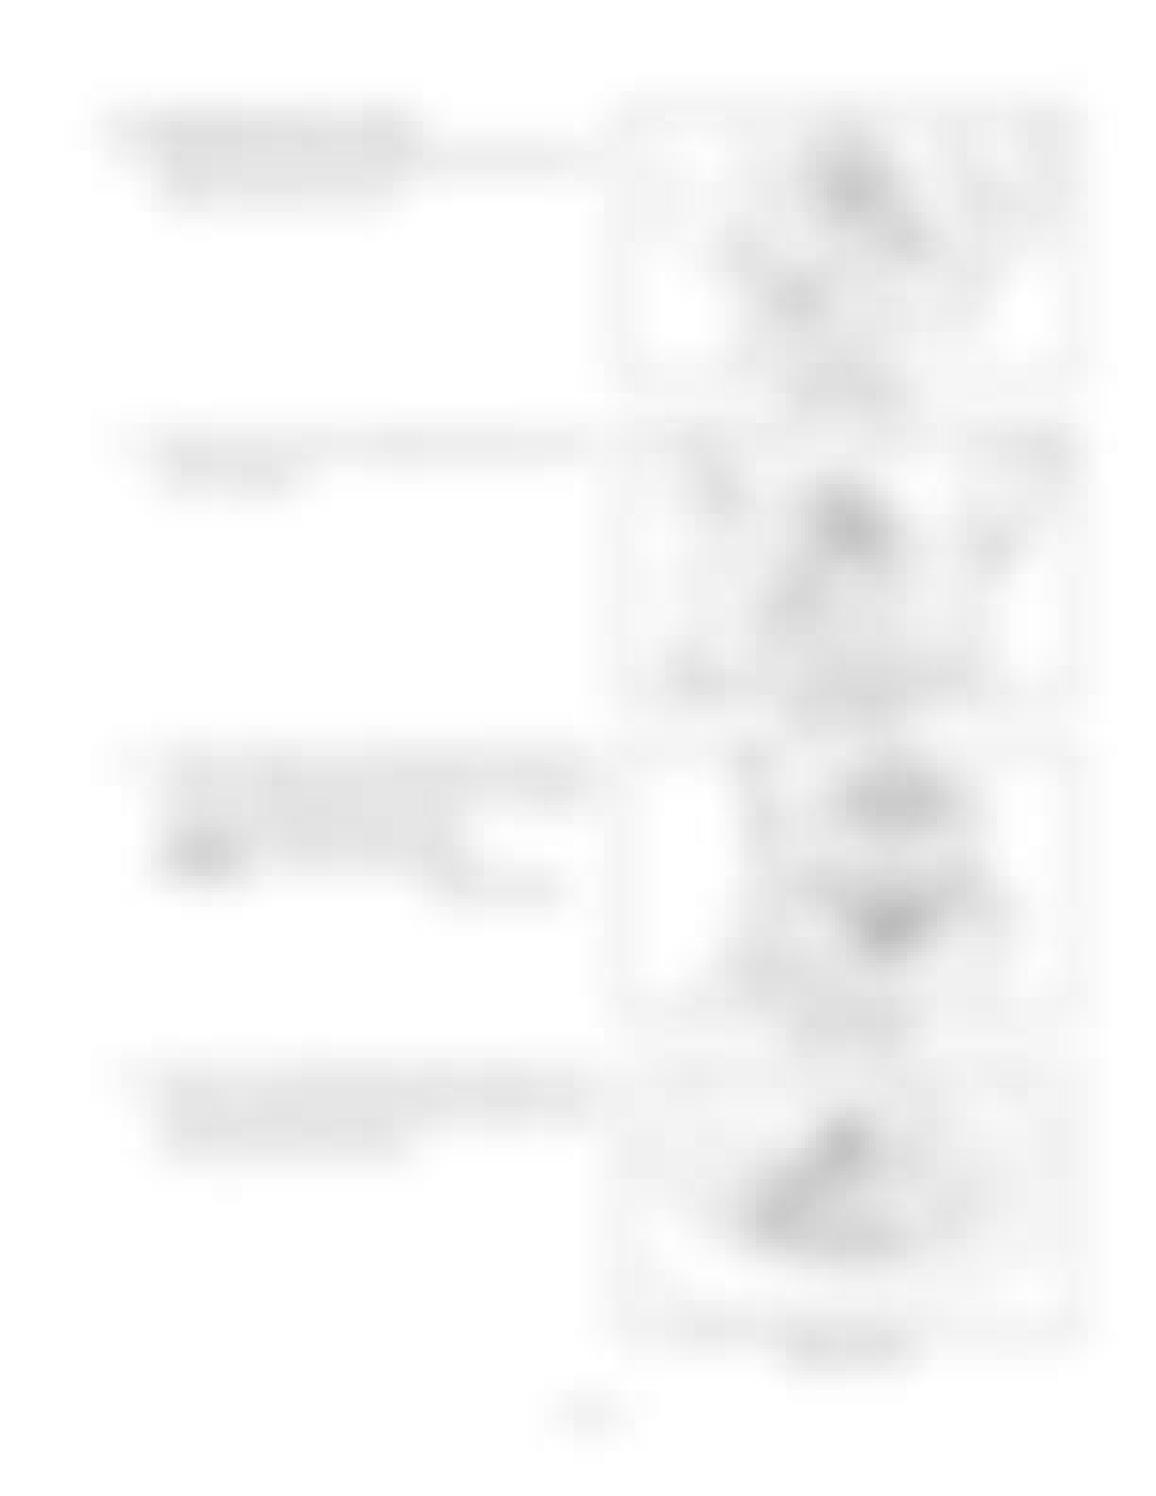 Hitachi LX110-7 LX130-7 LX160-7 LX190-7 LX230-7 Wheel Loader Workshop Manual - PDF DOWNLOAD page 33